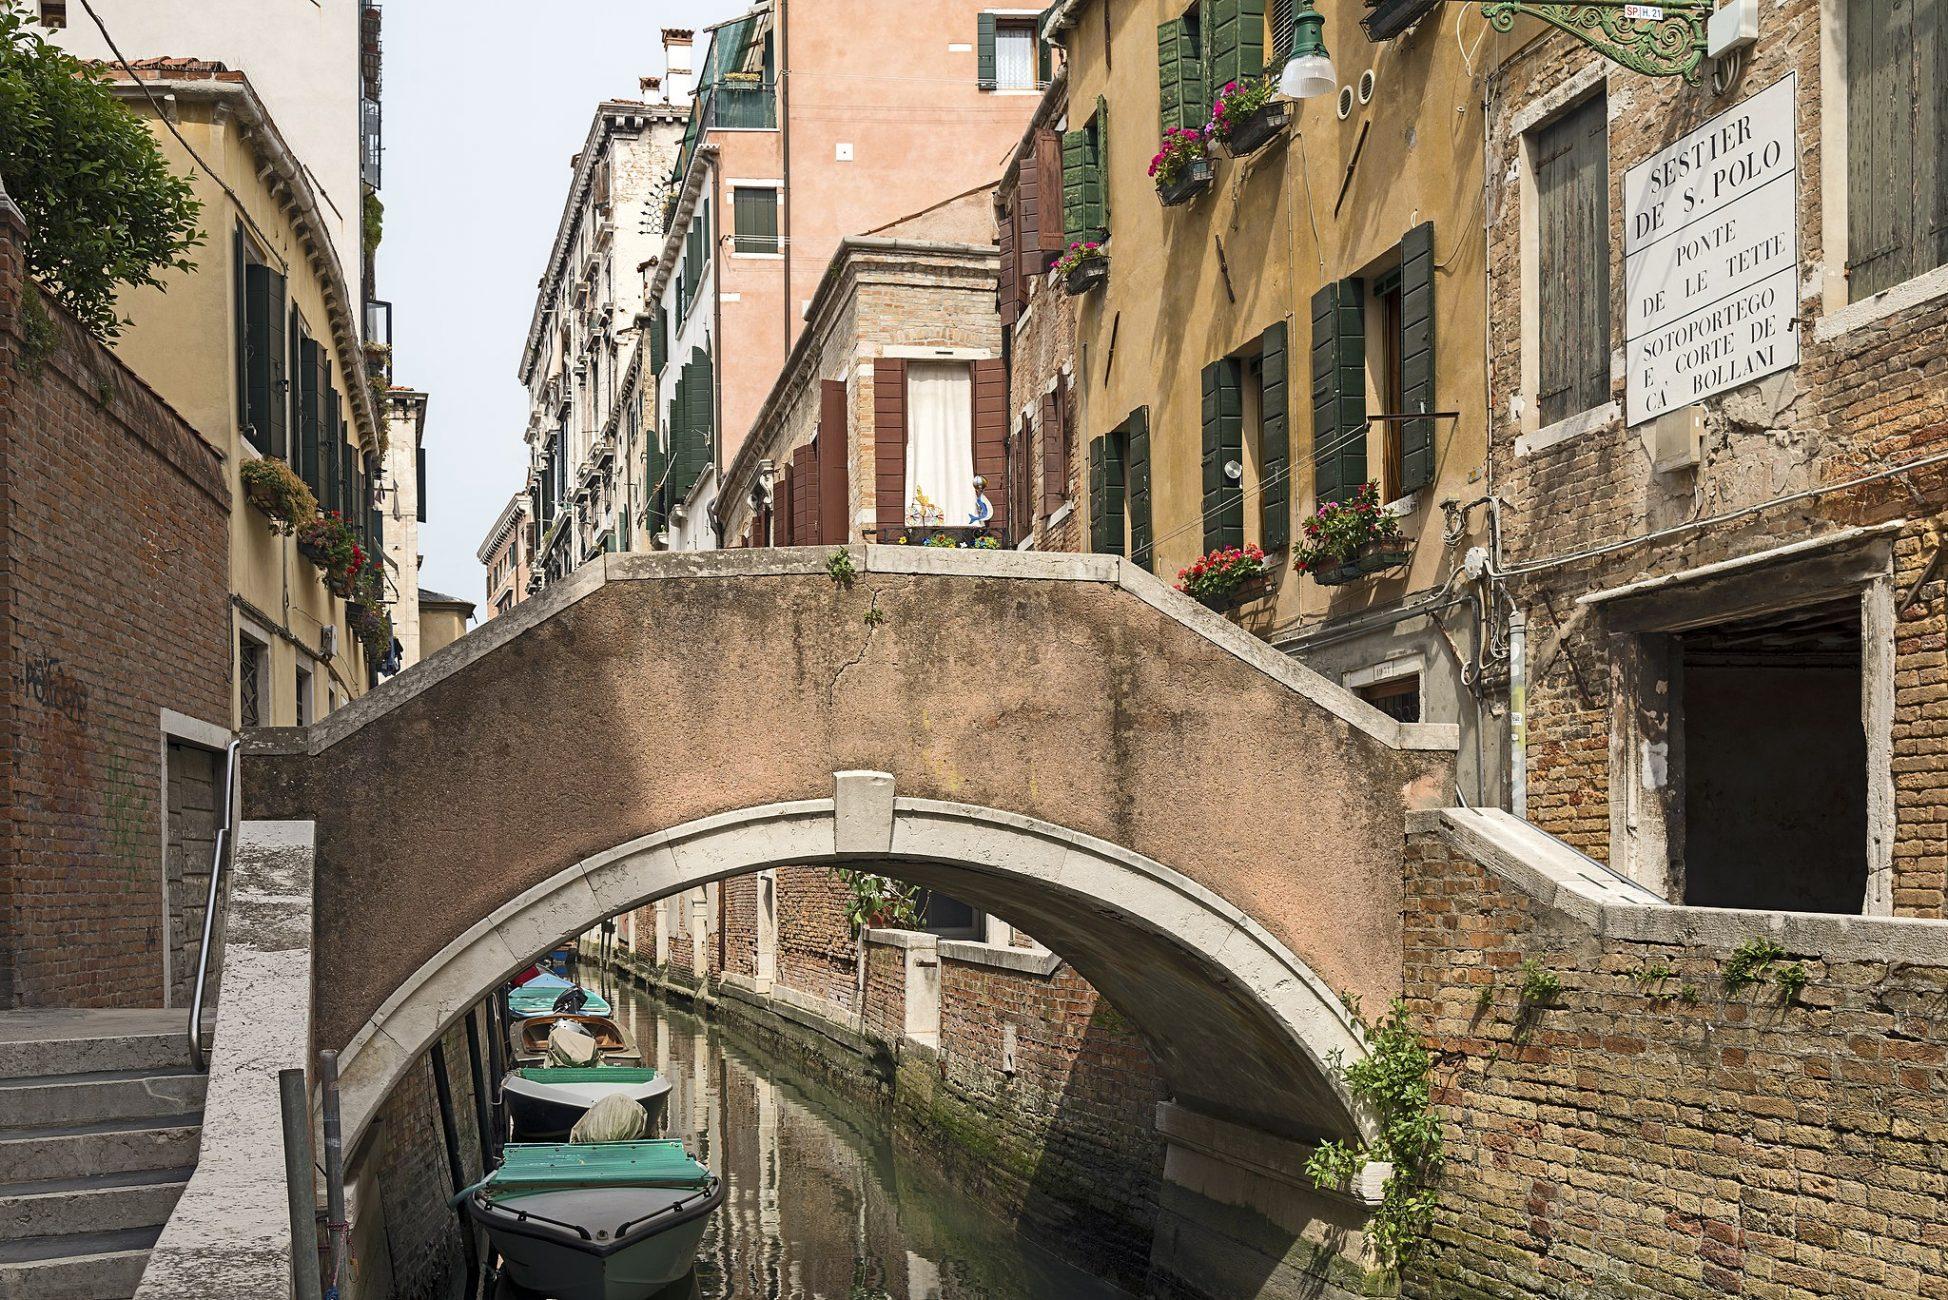 El puente de los senos en Venecia